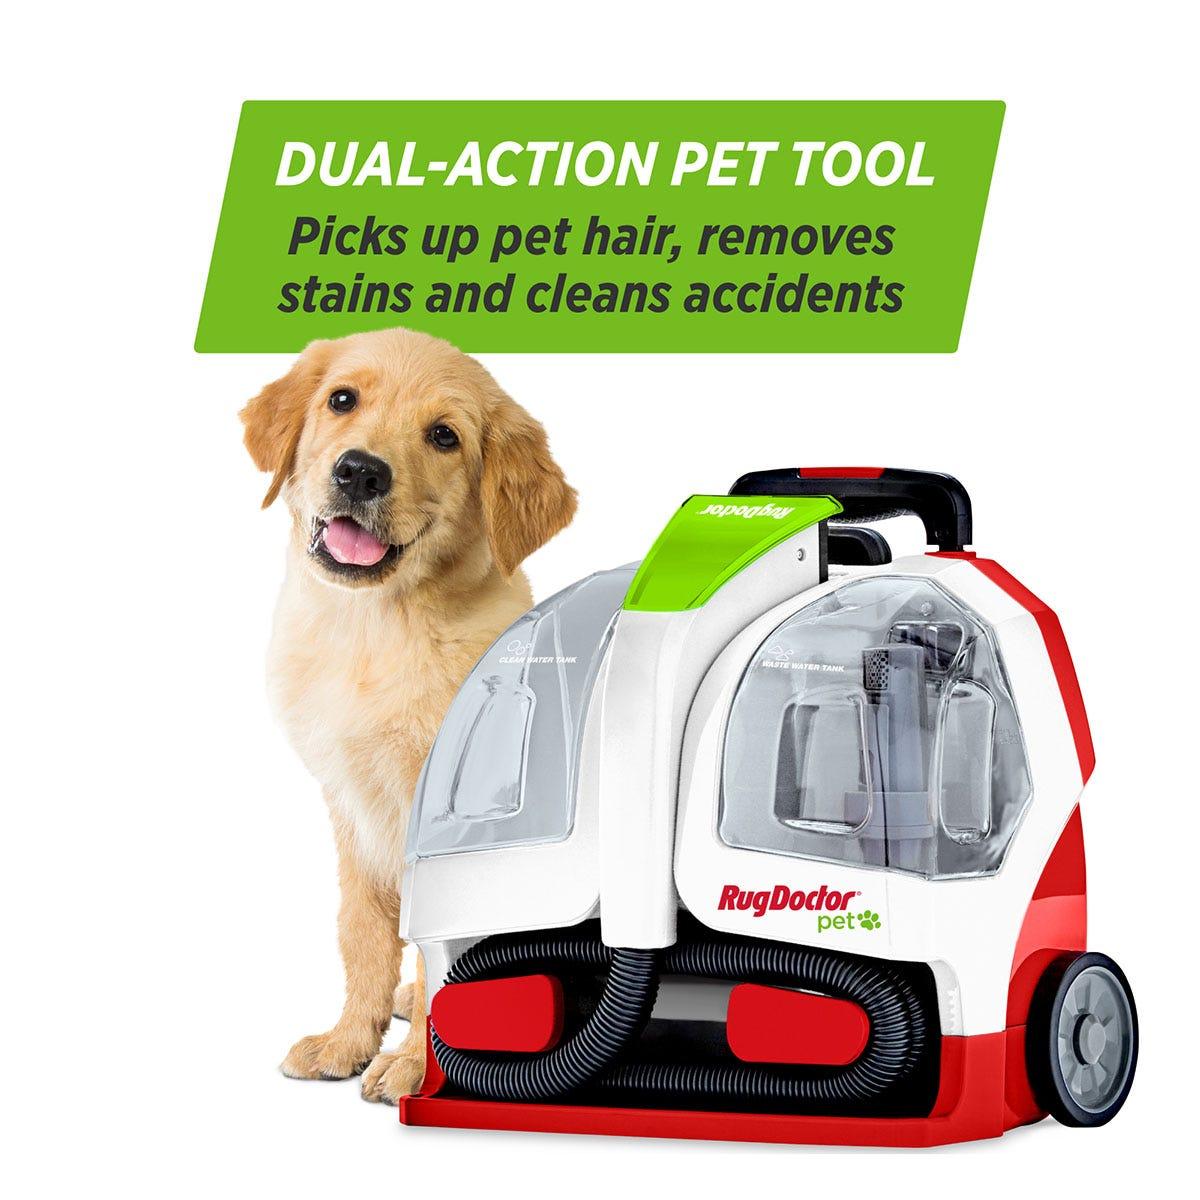 Dual action pet tool